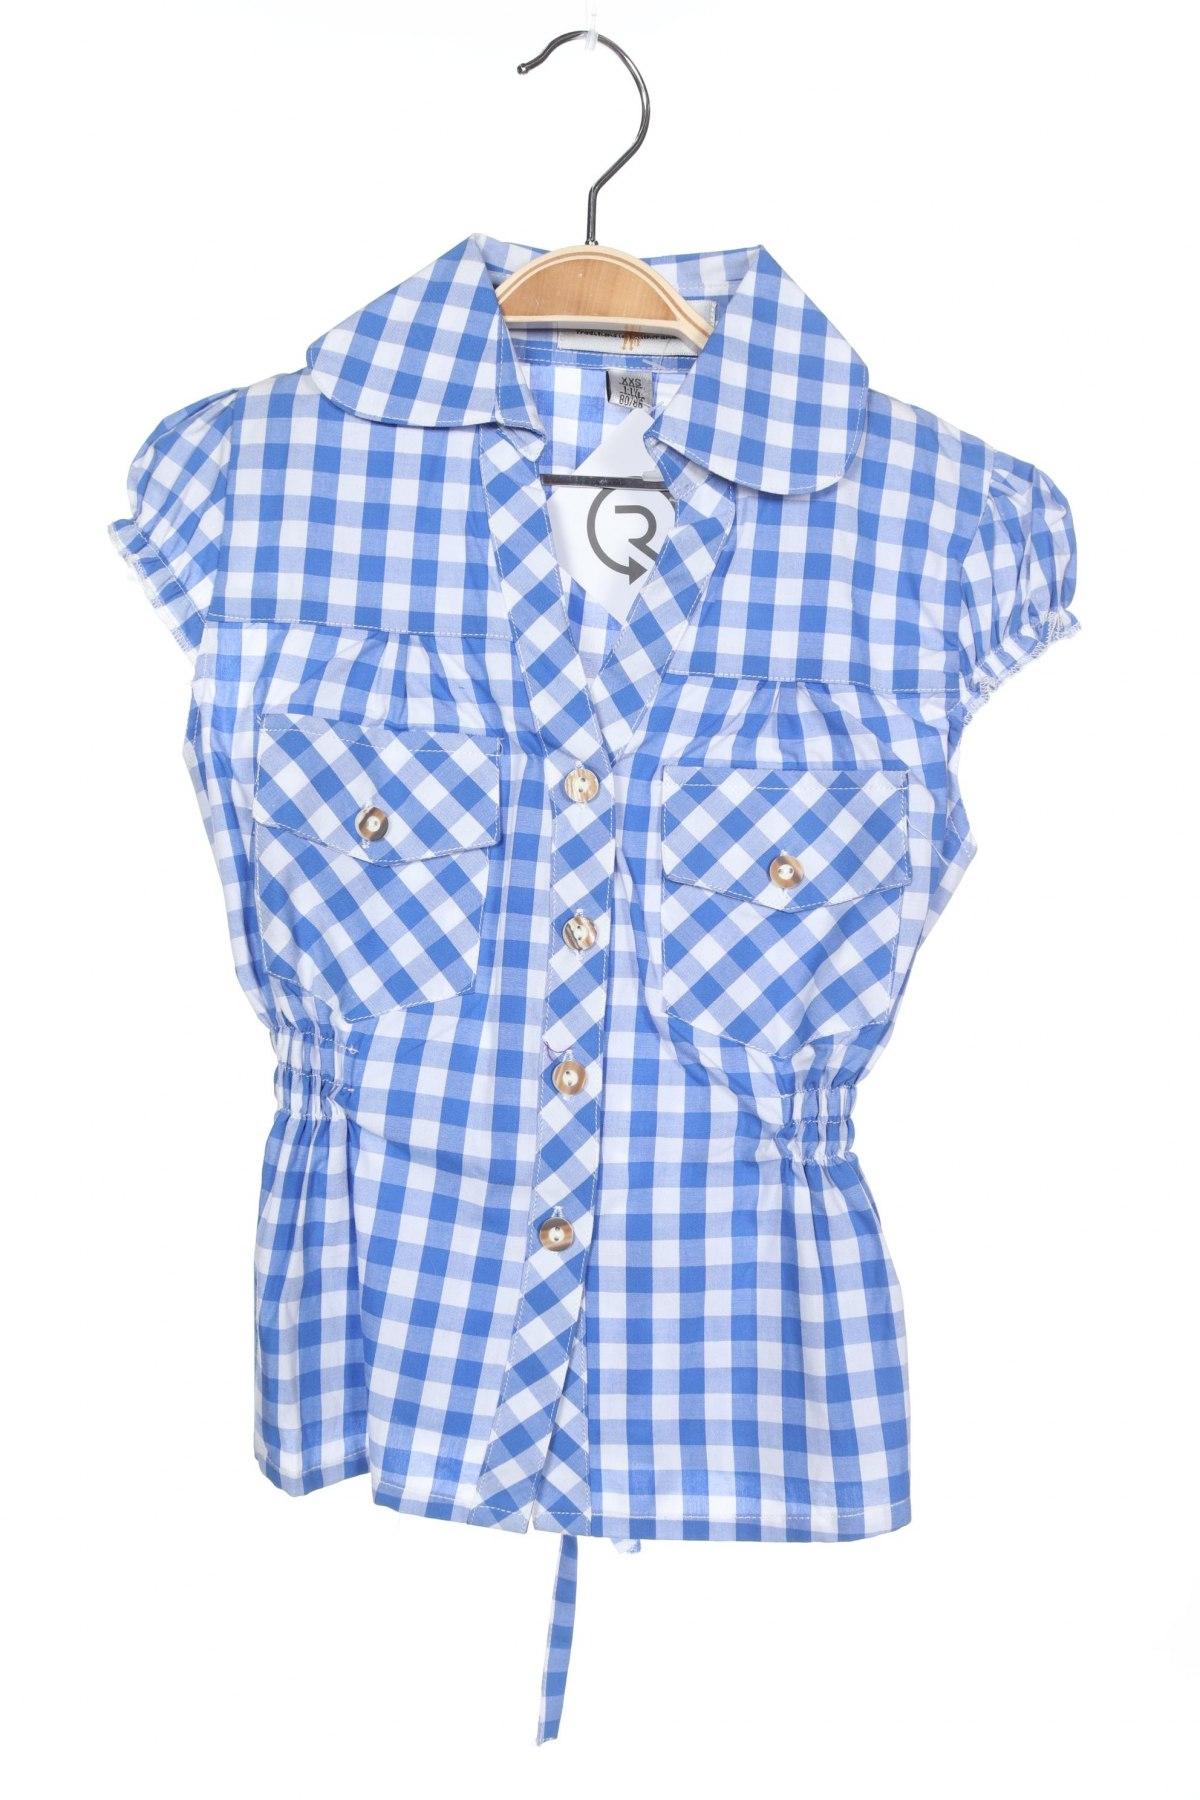 Παιδικό πουκάμισο Almsach, Μέγεθος 12-18m/ 80-86 εκ., Χρώμα Μπλέ, Βαμβάκι, Τιμή 5,78€